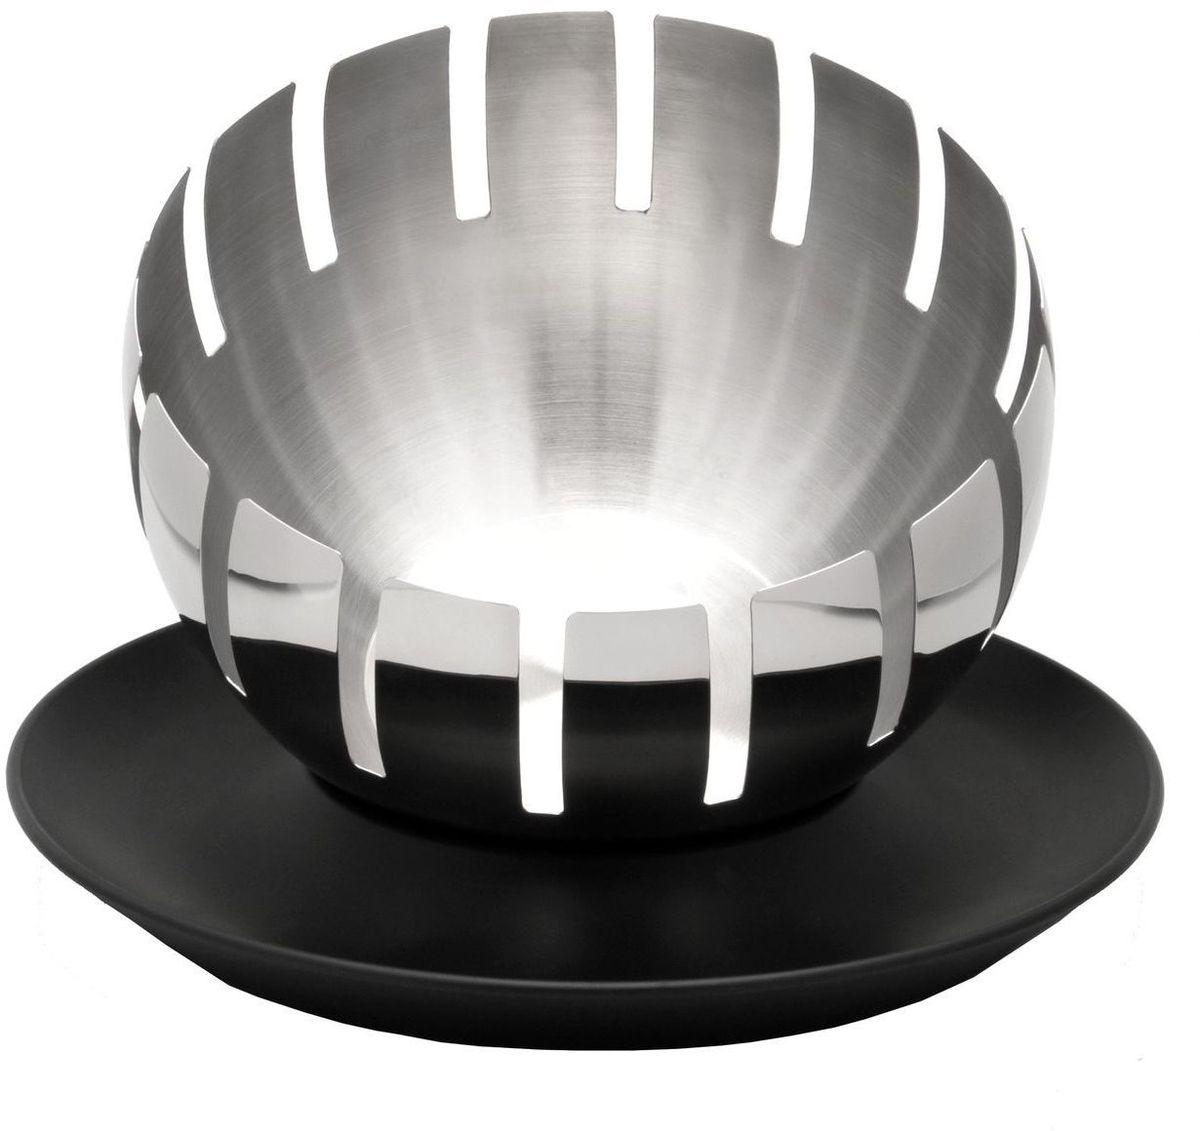 """Ваза для фруктов BergHOFF """"Zeno"""" из двух предметов. Верхняя чаша выполнена из стали и имеет сферическую форму с прорезями. Нижнее блюдо круглой формы выполнено из полипропилена черного цвета. Ваза отлично подойдет для красивой сервировки на праздничном столе. Необычный дизайн придется по вкусу и ценителям классики, и тем, кто предпочитает утонченность и изысканность."""